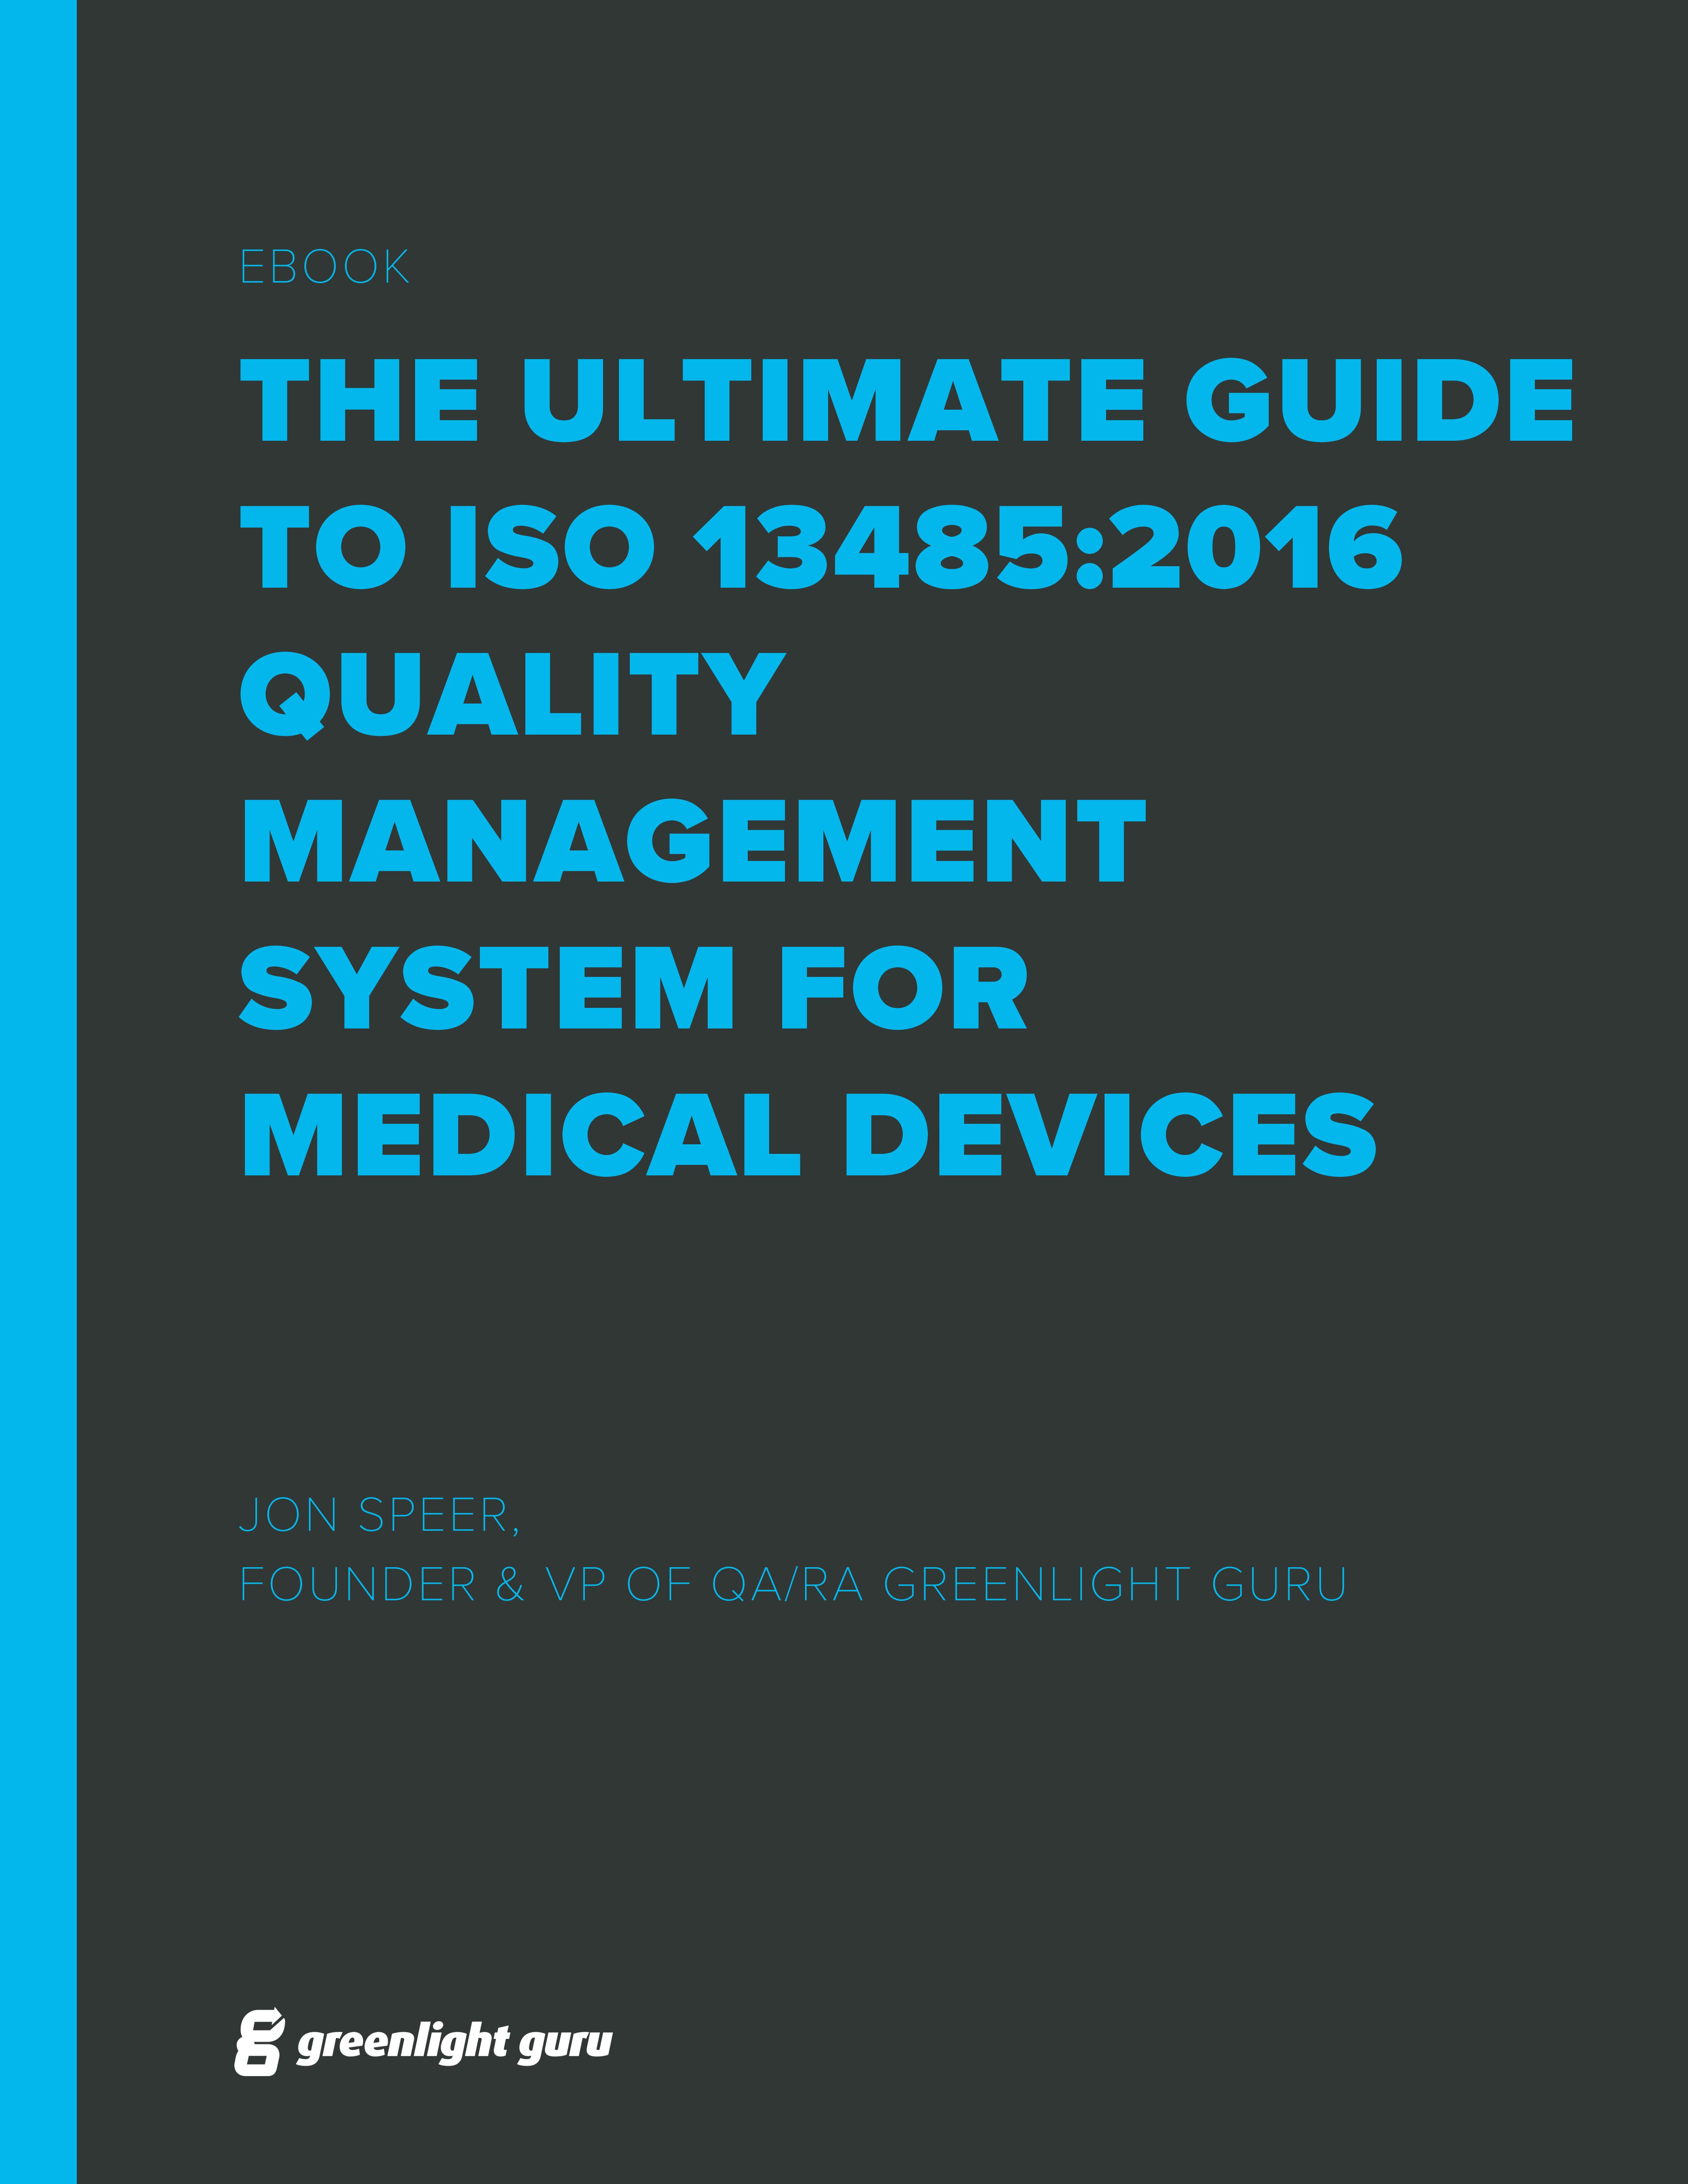 Quality Manual Iso 13485 2016 Pdf